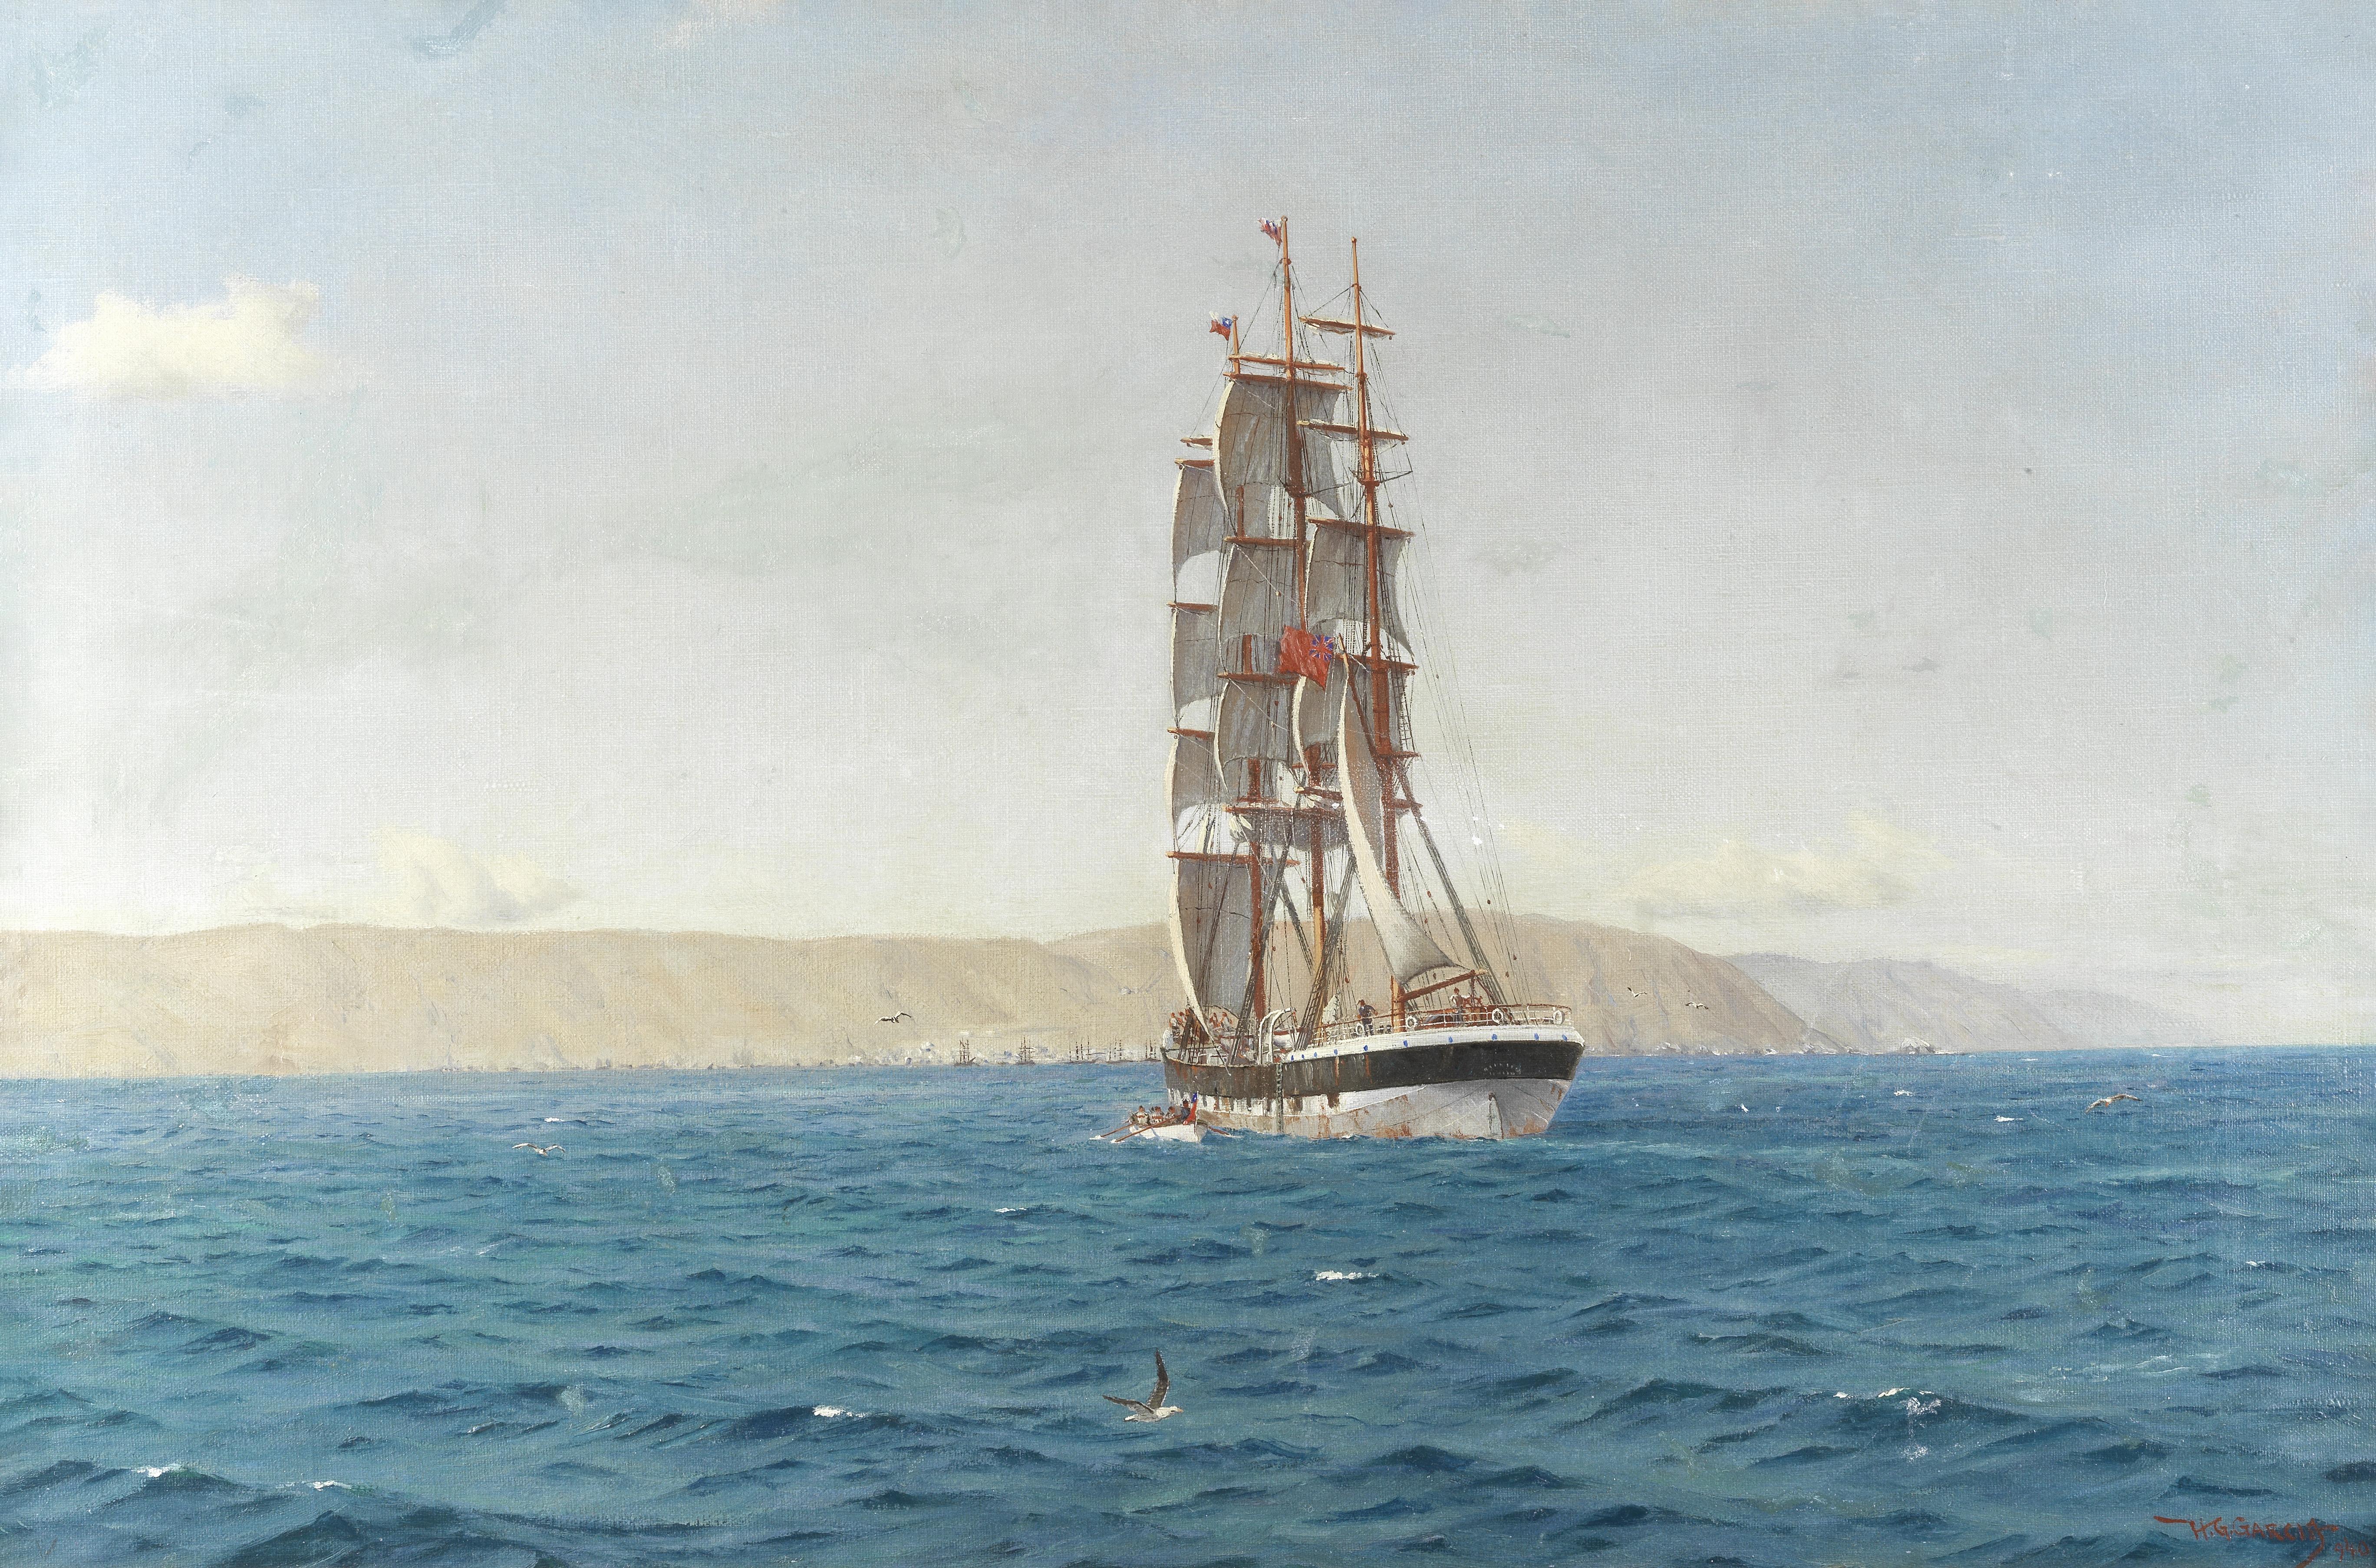 Horacio Gerardo Garcia (Chilean, 1878-1942) The Westland off Iquique, Chile